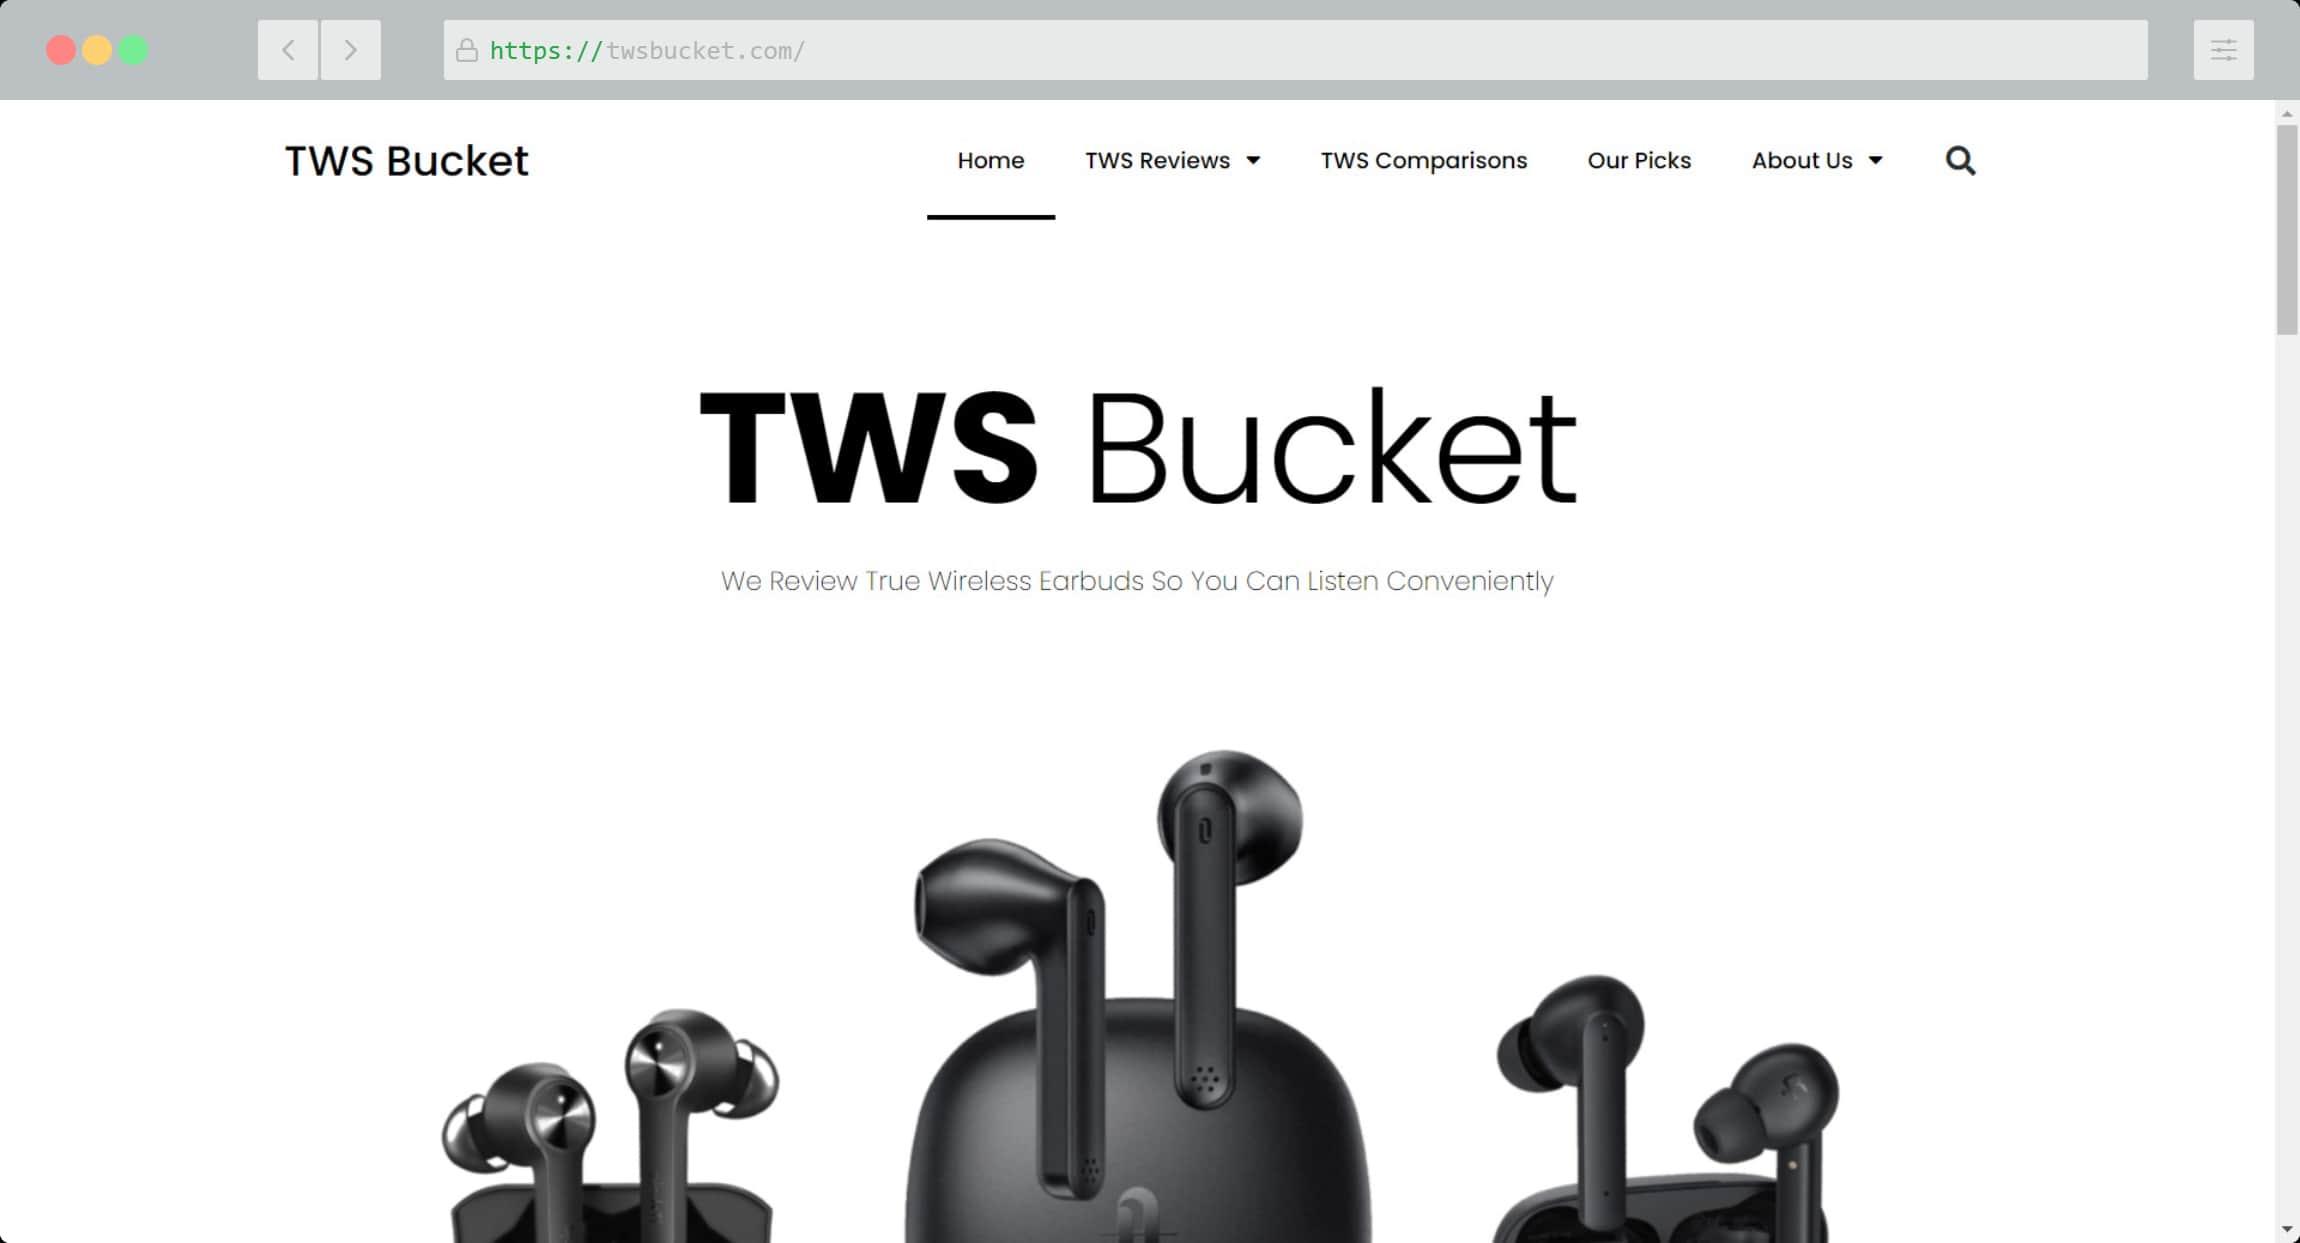 TWS Bucket Website